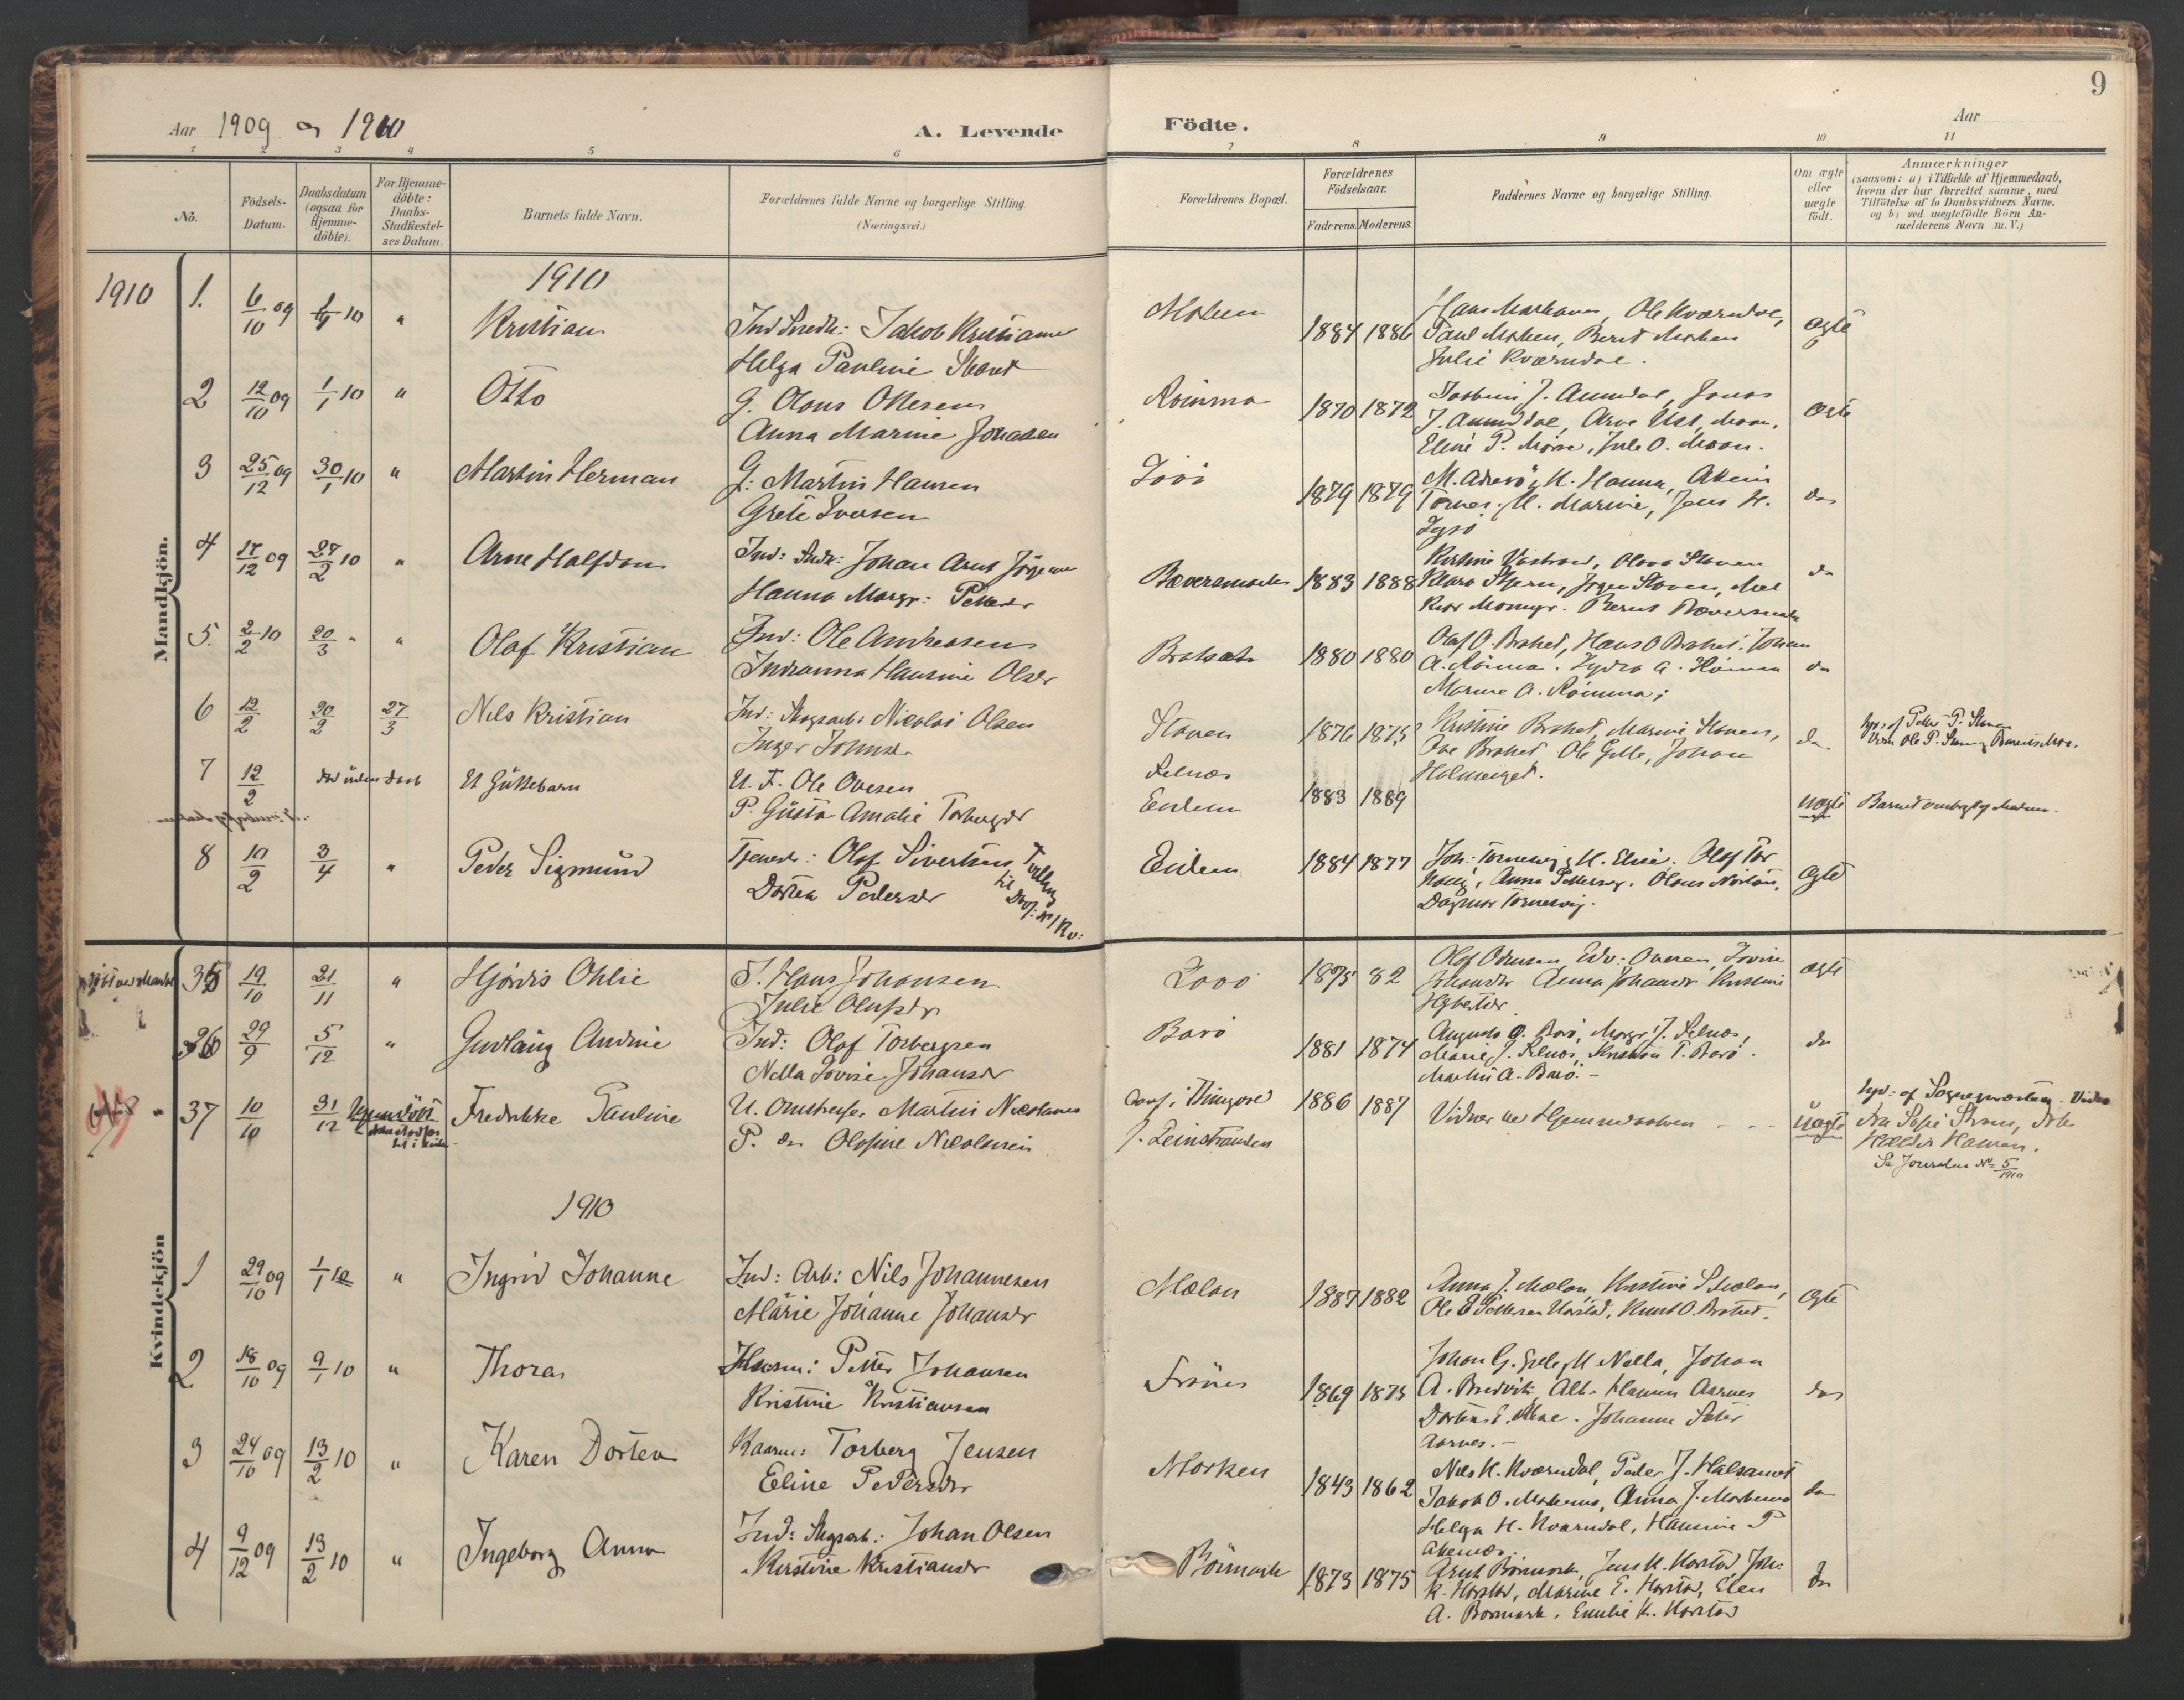 SAT, Ministerialprotokoller, klokkerbøker og fødselsregistre - Sør-Trøndelag, 655/L0682: Ministerialbok nr. 655A11, 1908-1922, s. 9